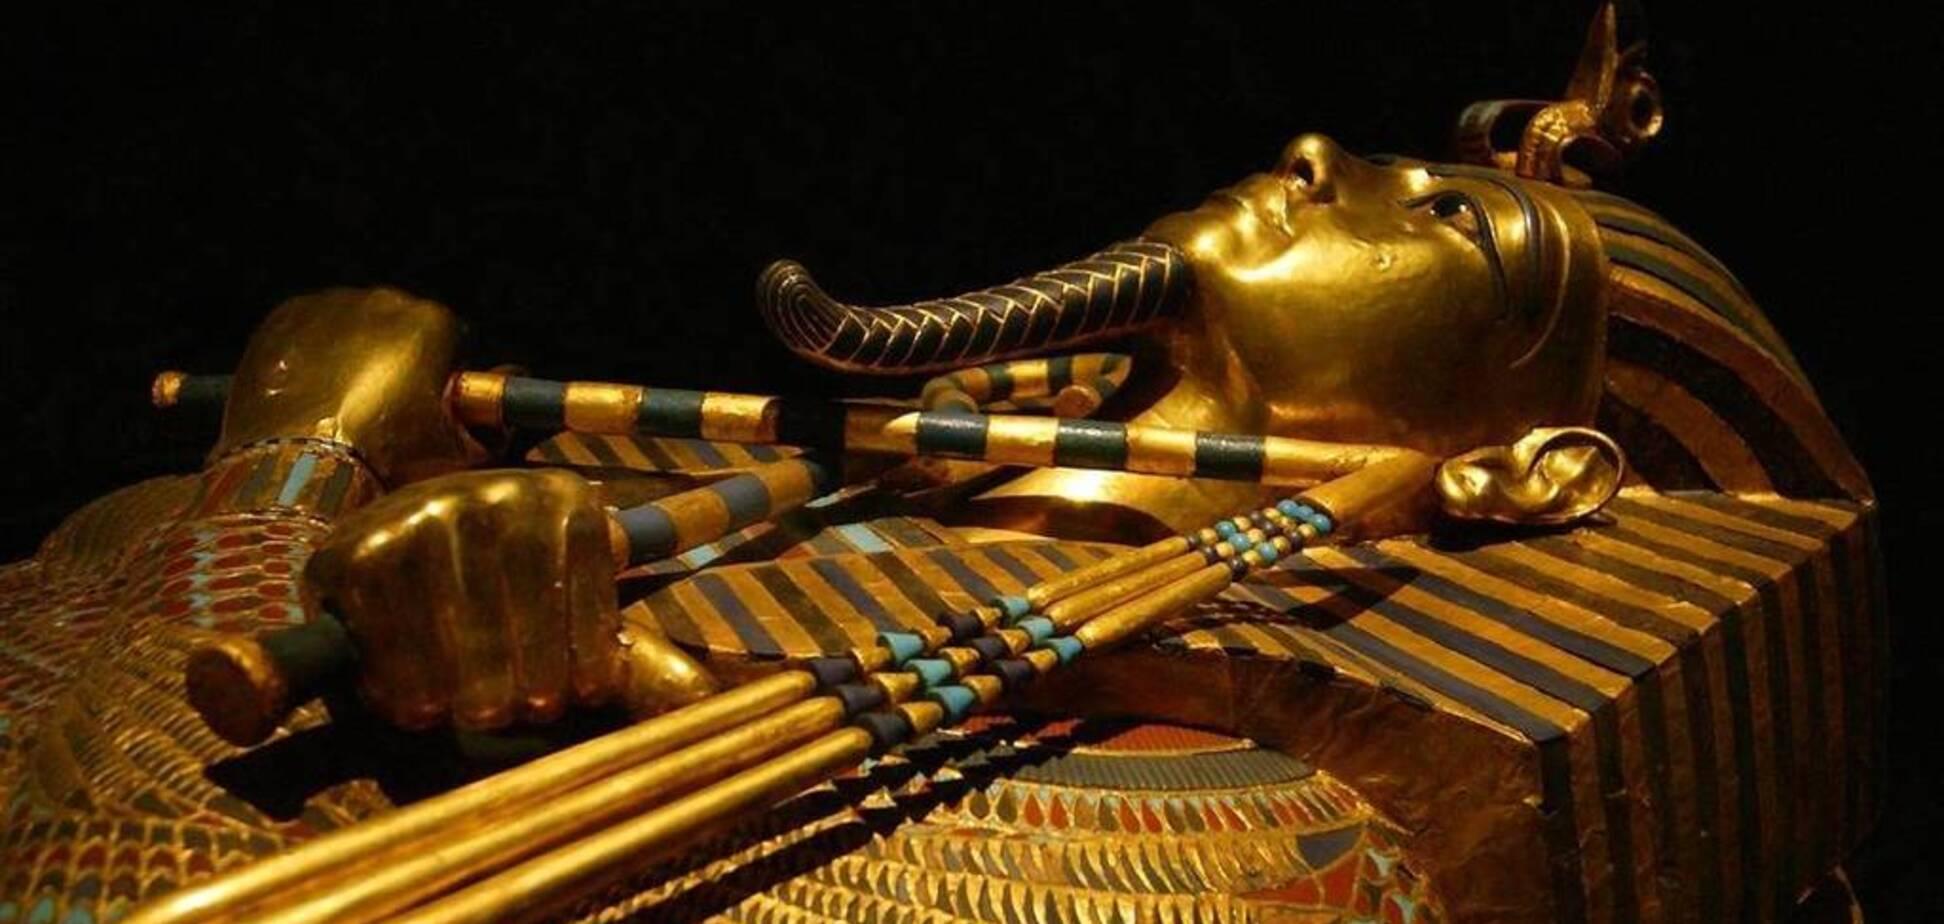 В Египте нашли 40 древних мумий: археологи показали фото